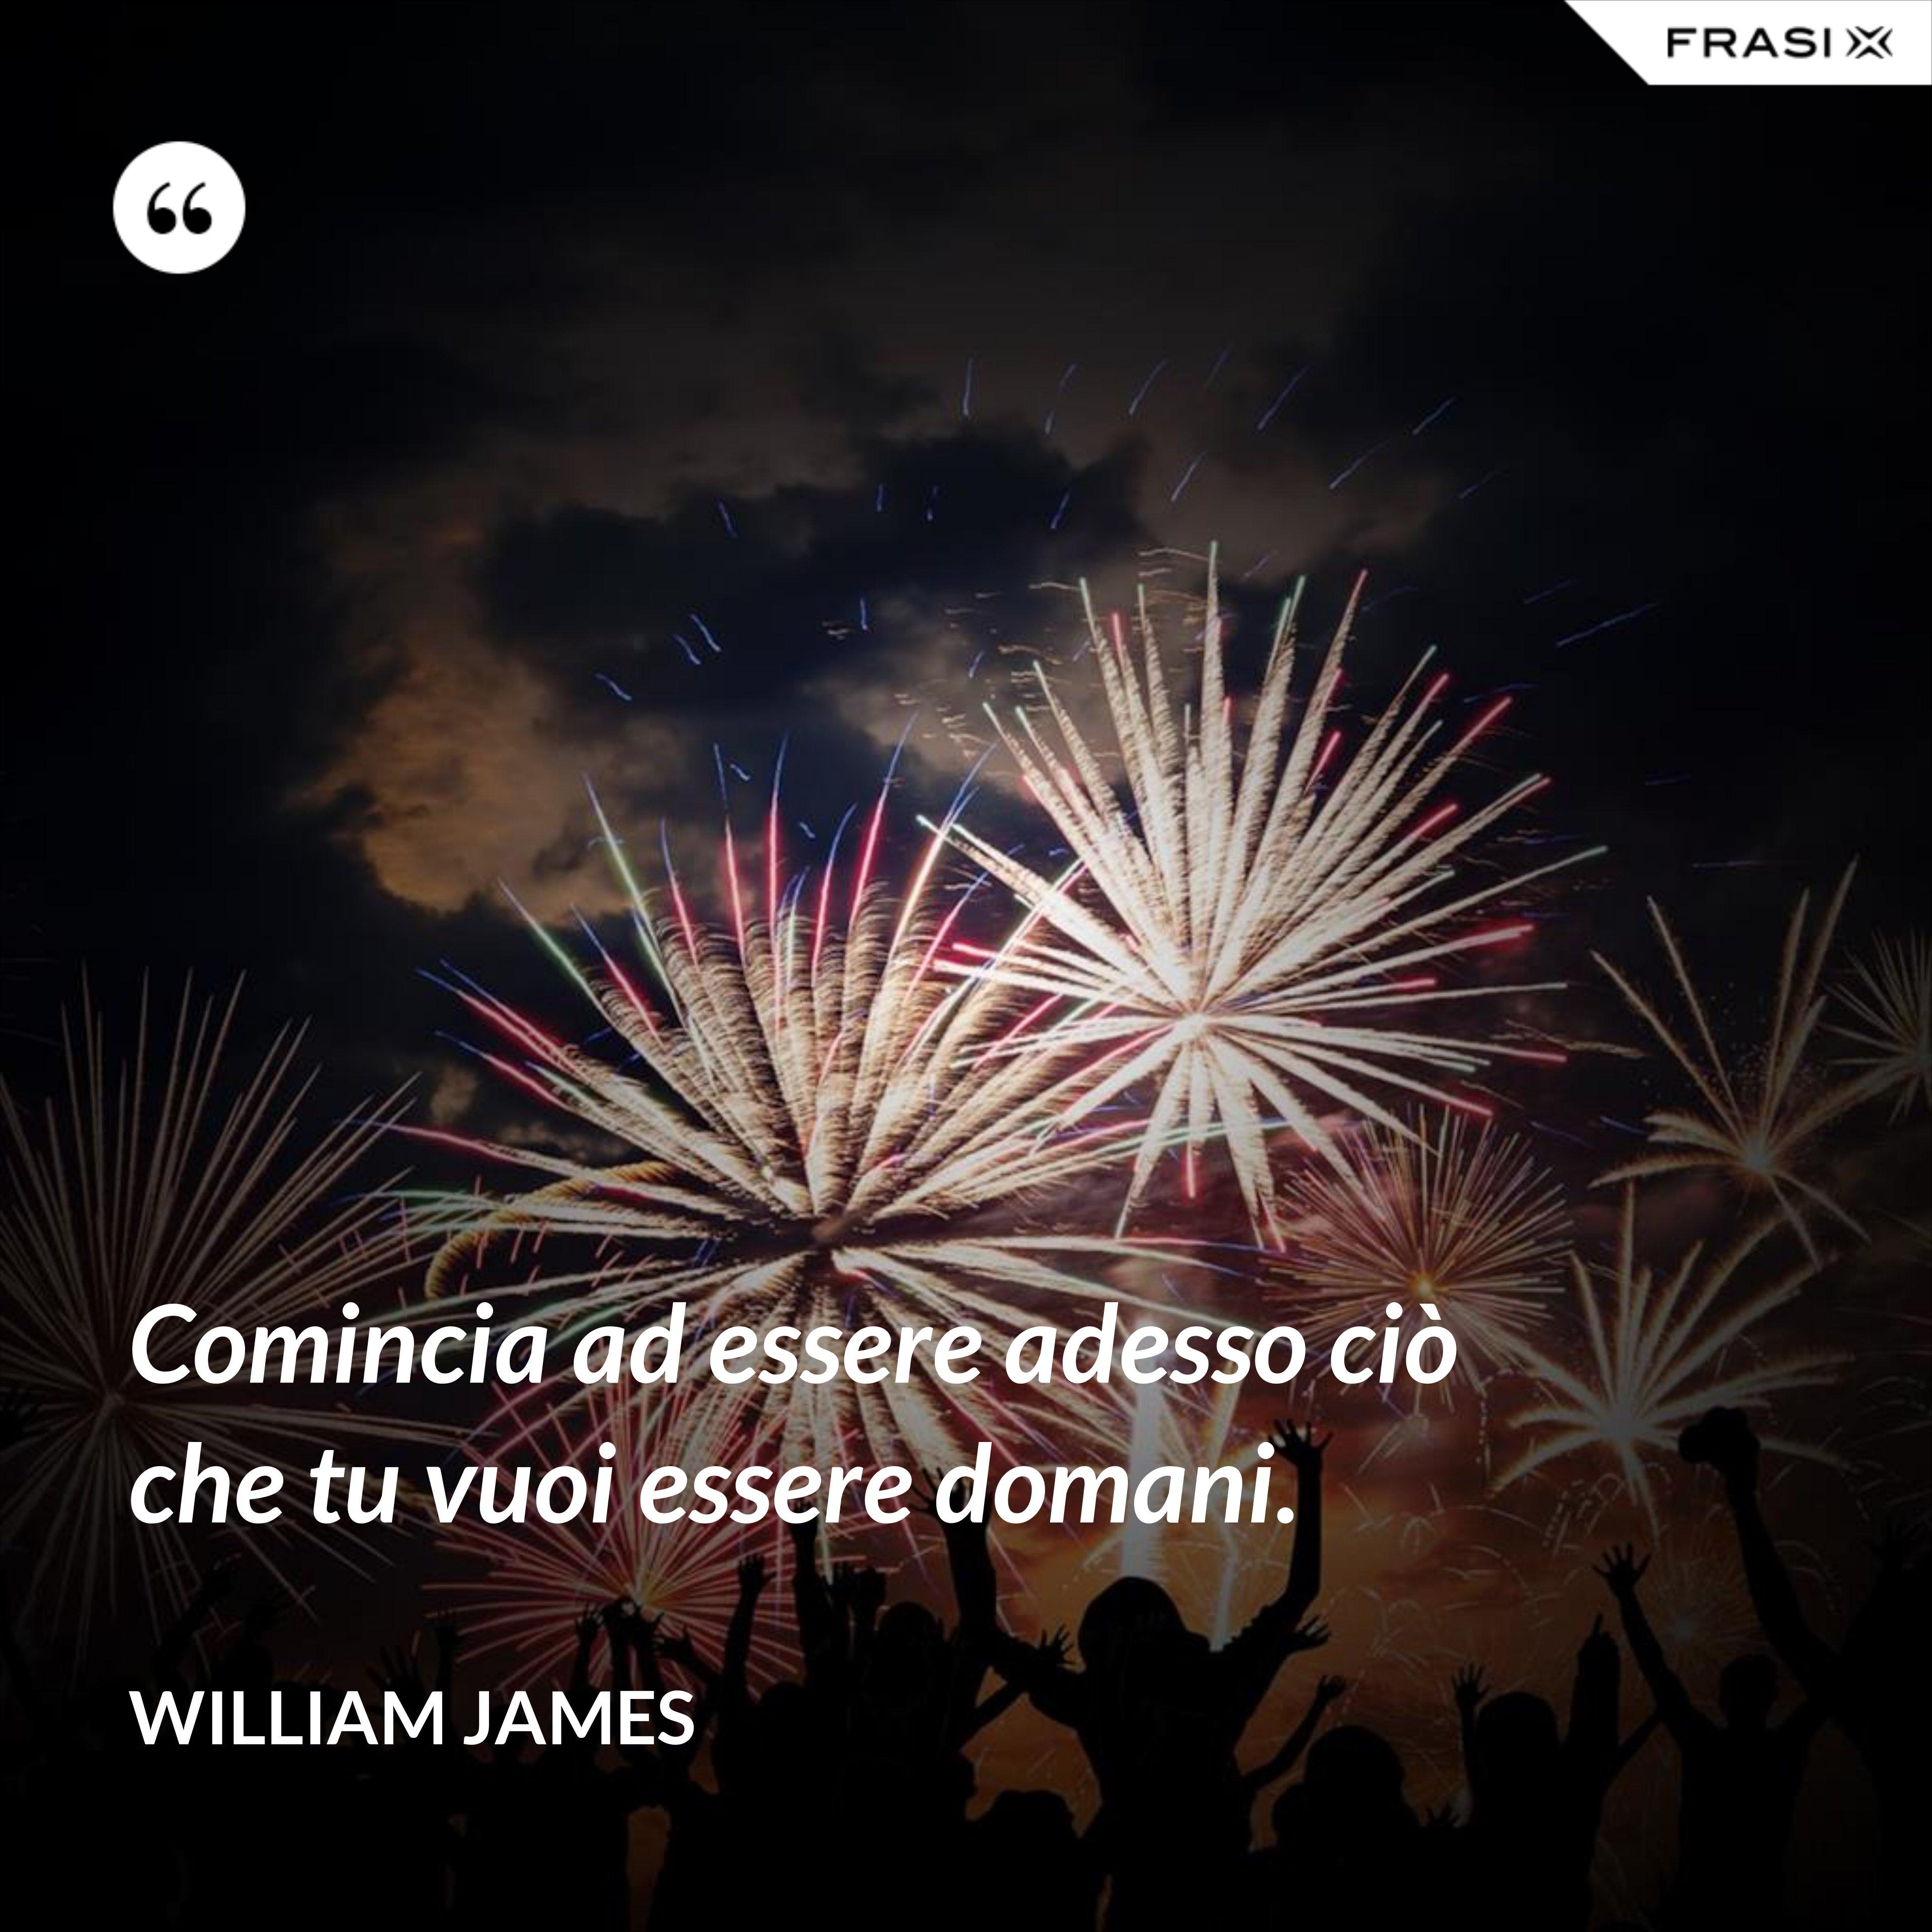 Comincia ad essere adesso ciò che tu vuoi essere domani. - William James